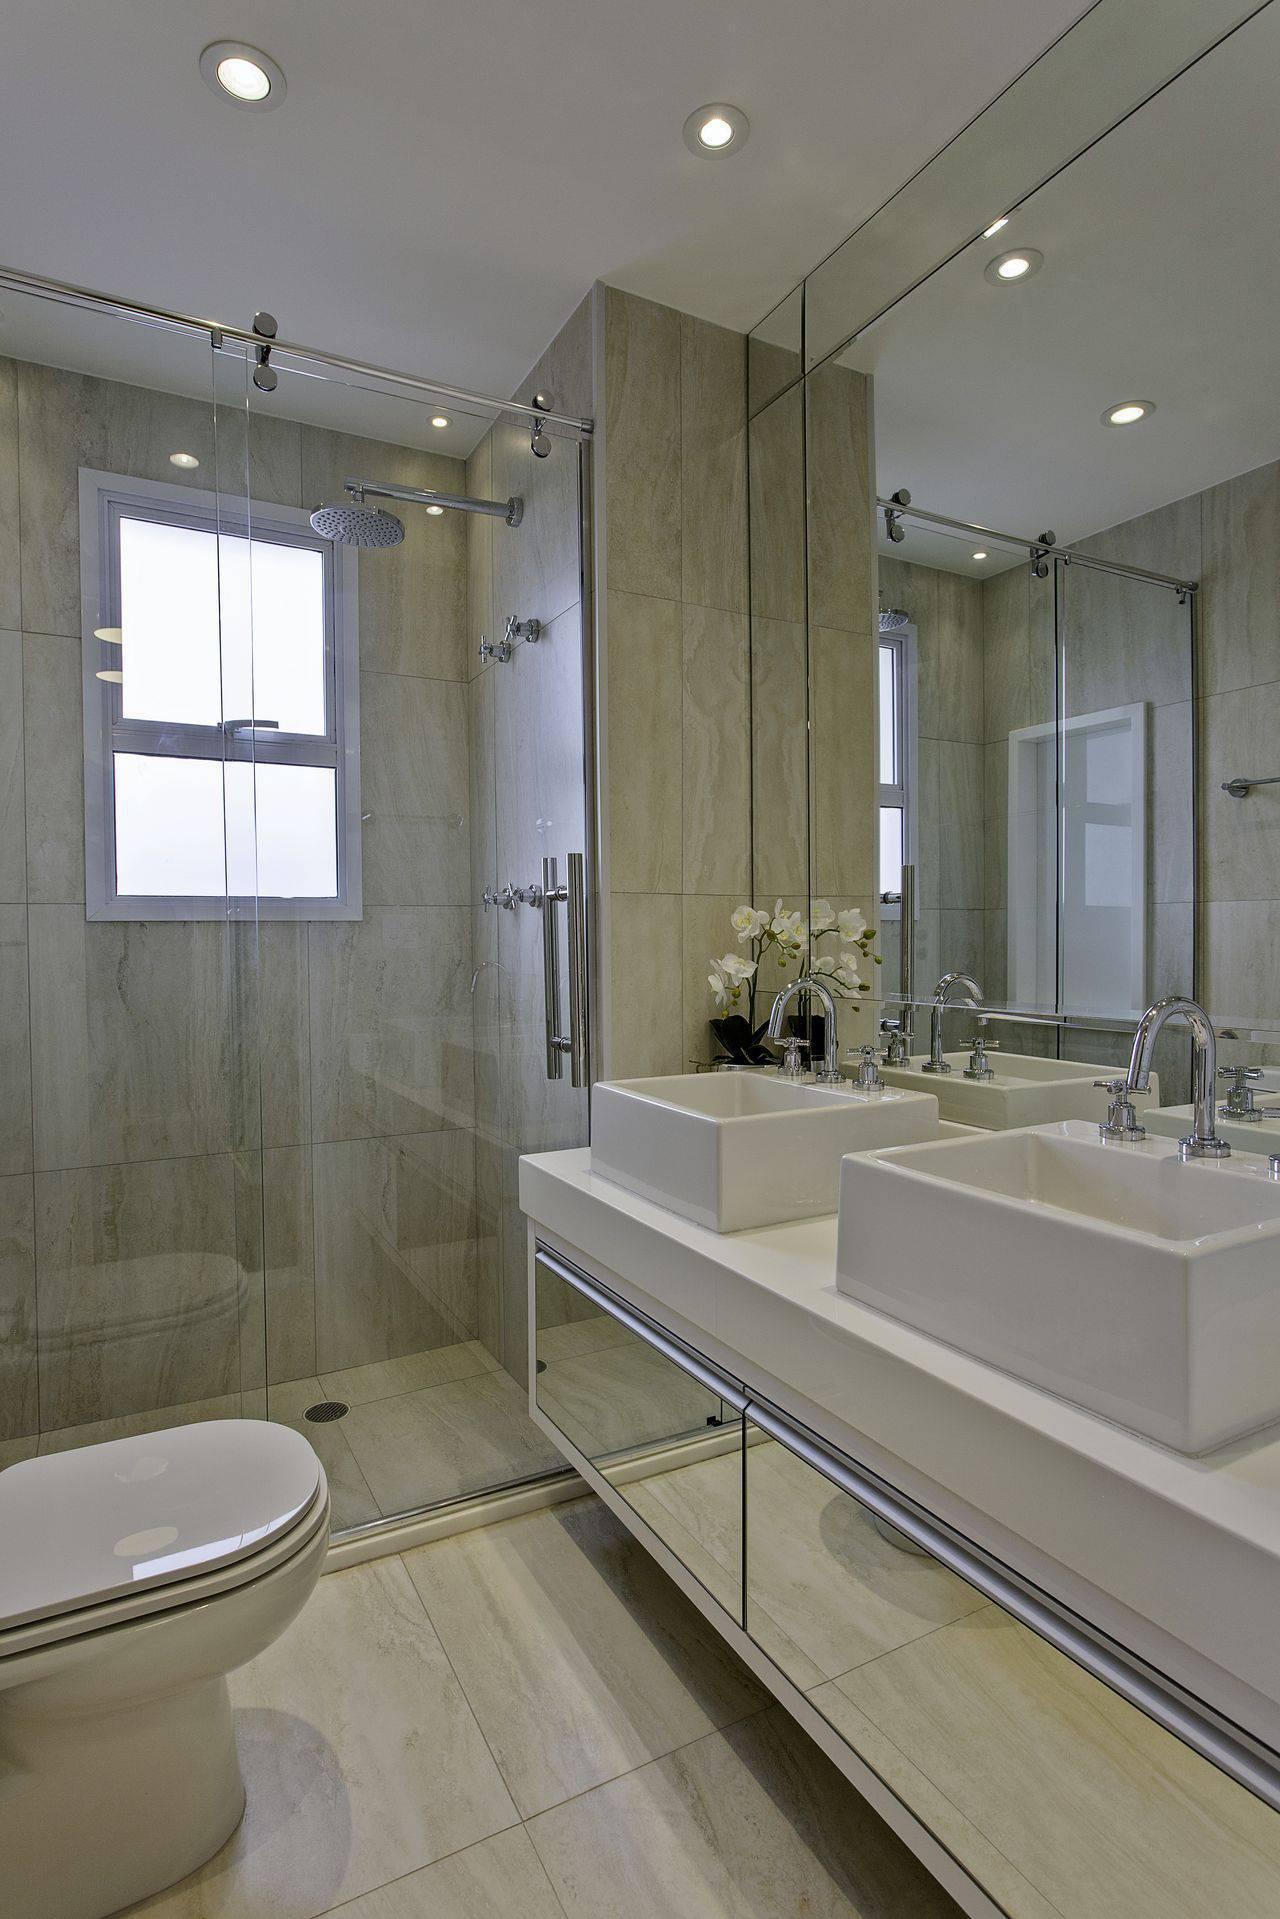 Chuveiro Dicas e Informações Importantes para Você Escolher o Seu -> Banheiro Decorado Granito